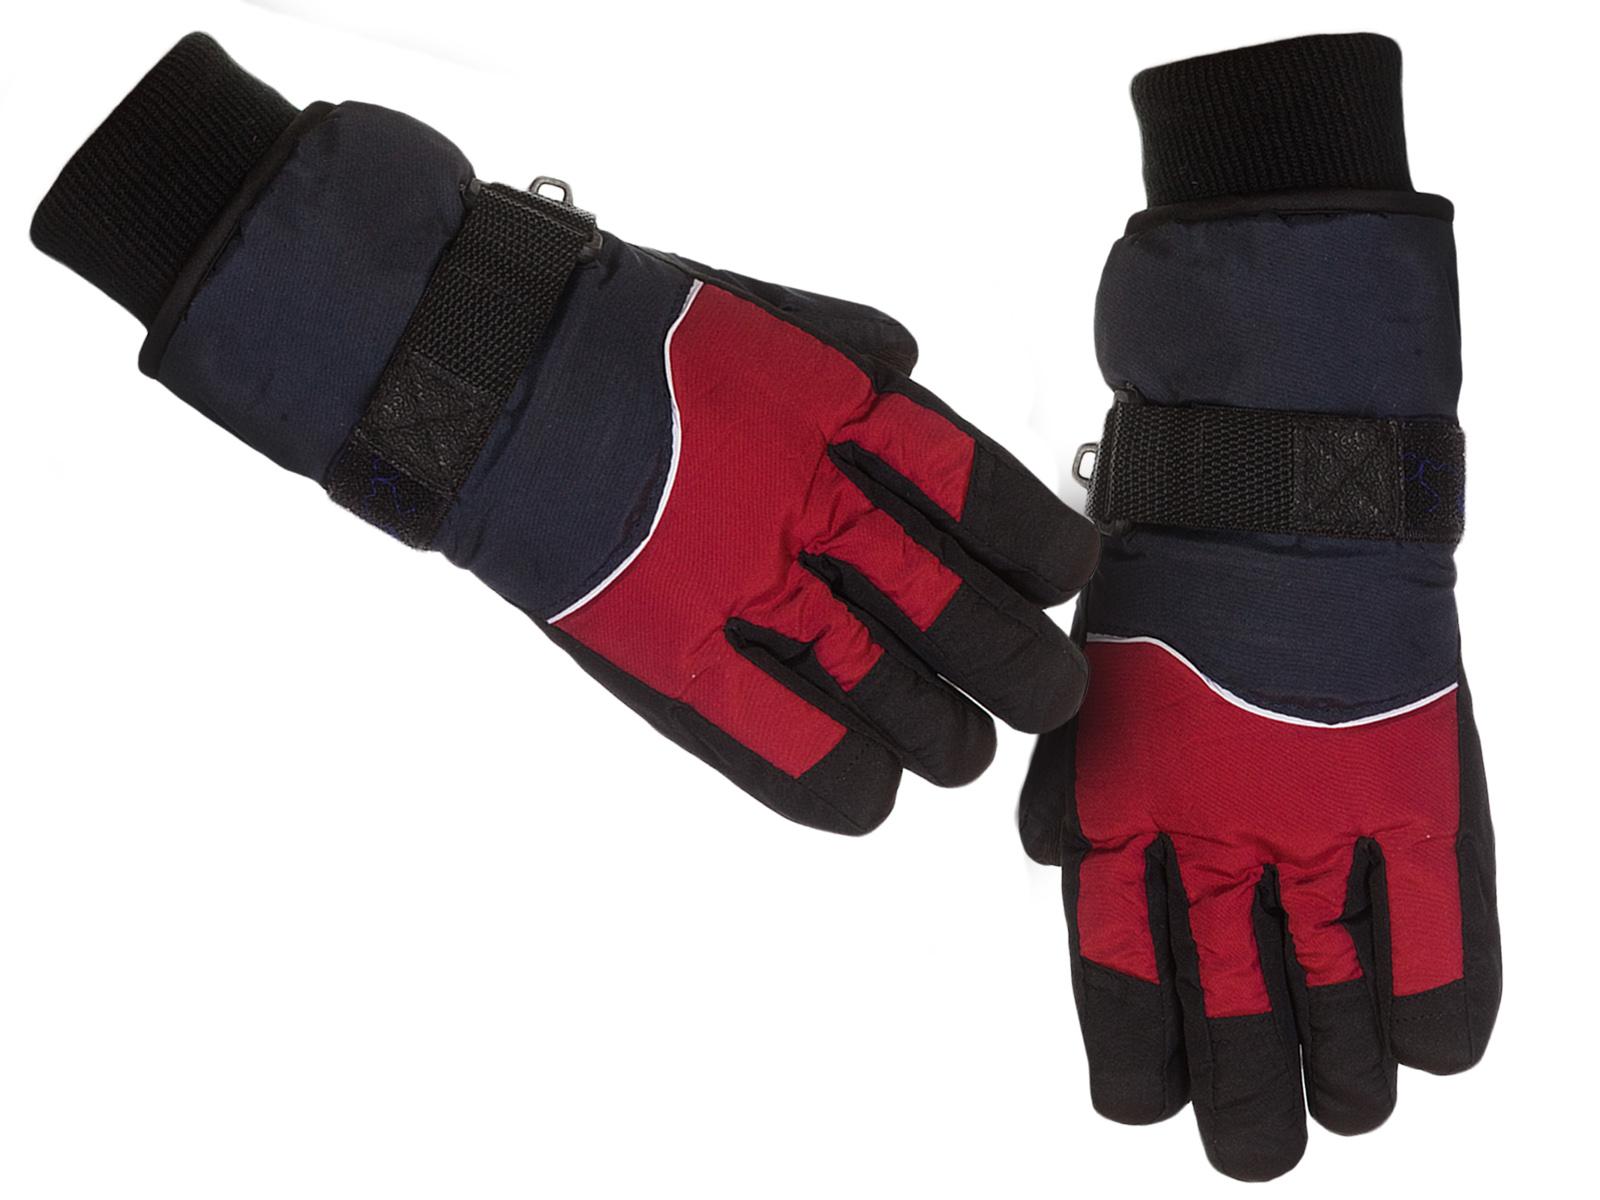 Удобные зимние перчатки Scaler по выгодной цене